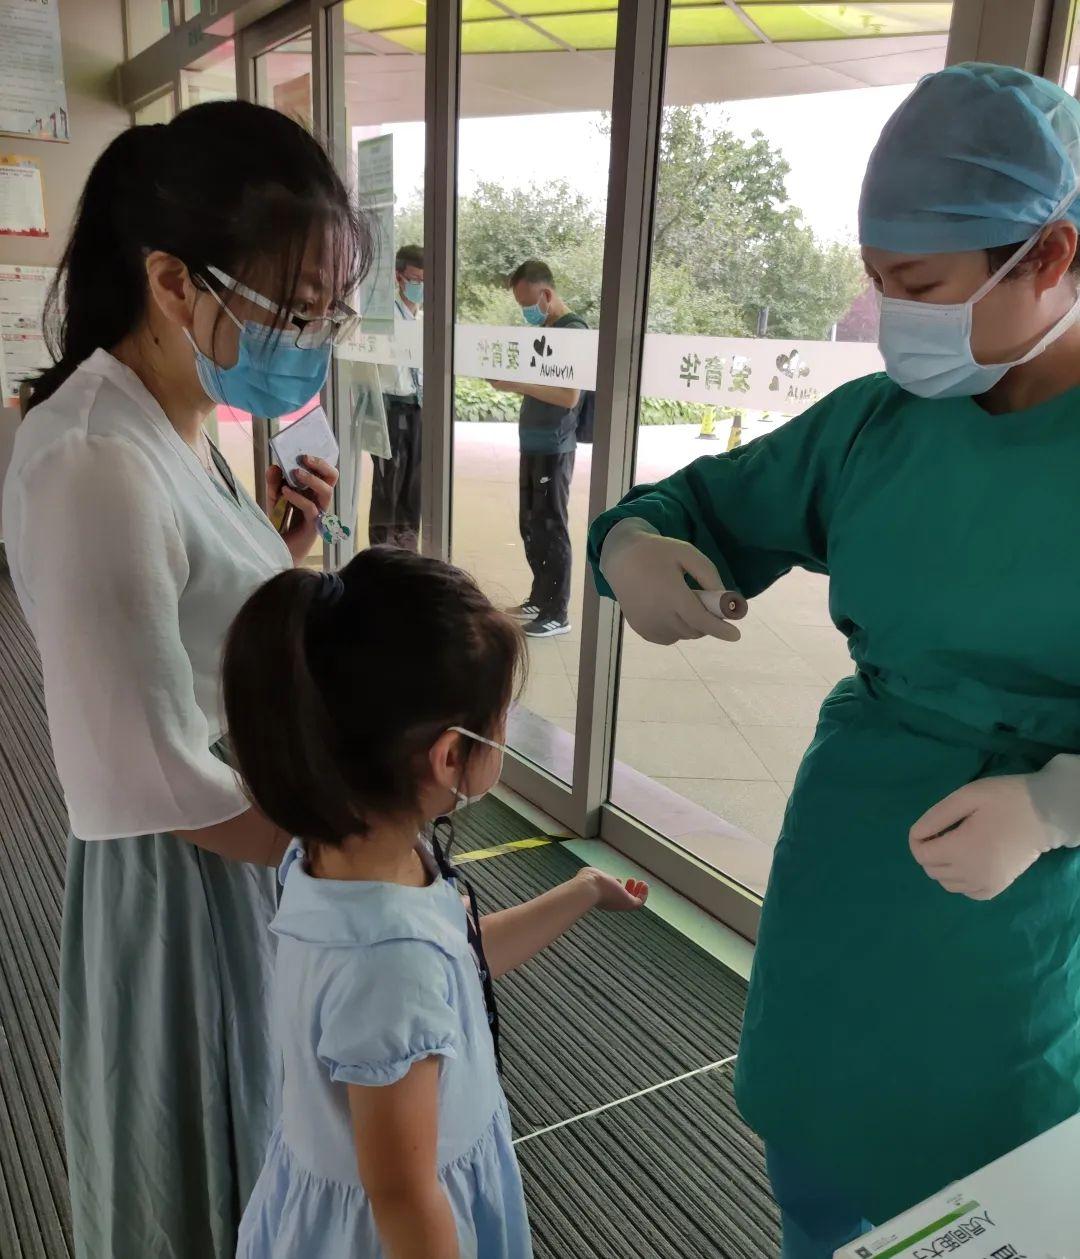 健康北京 战疫有我丨爱育华白衣天使全心守护市民健康